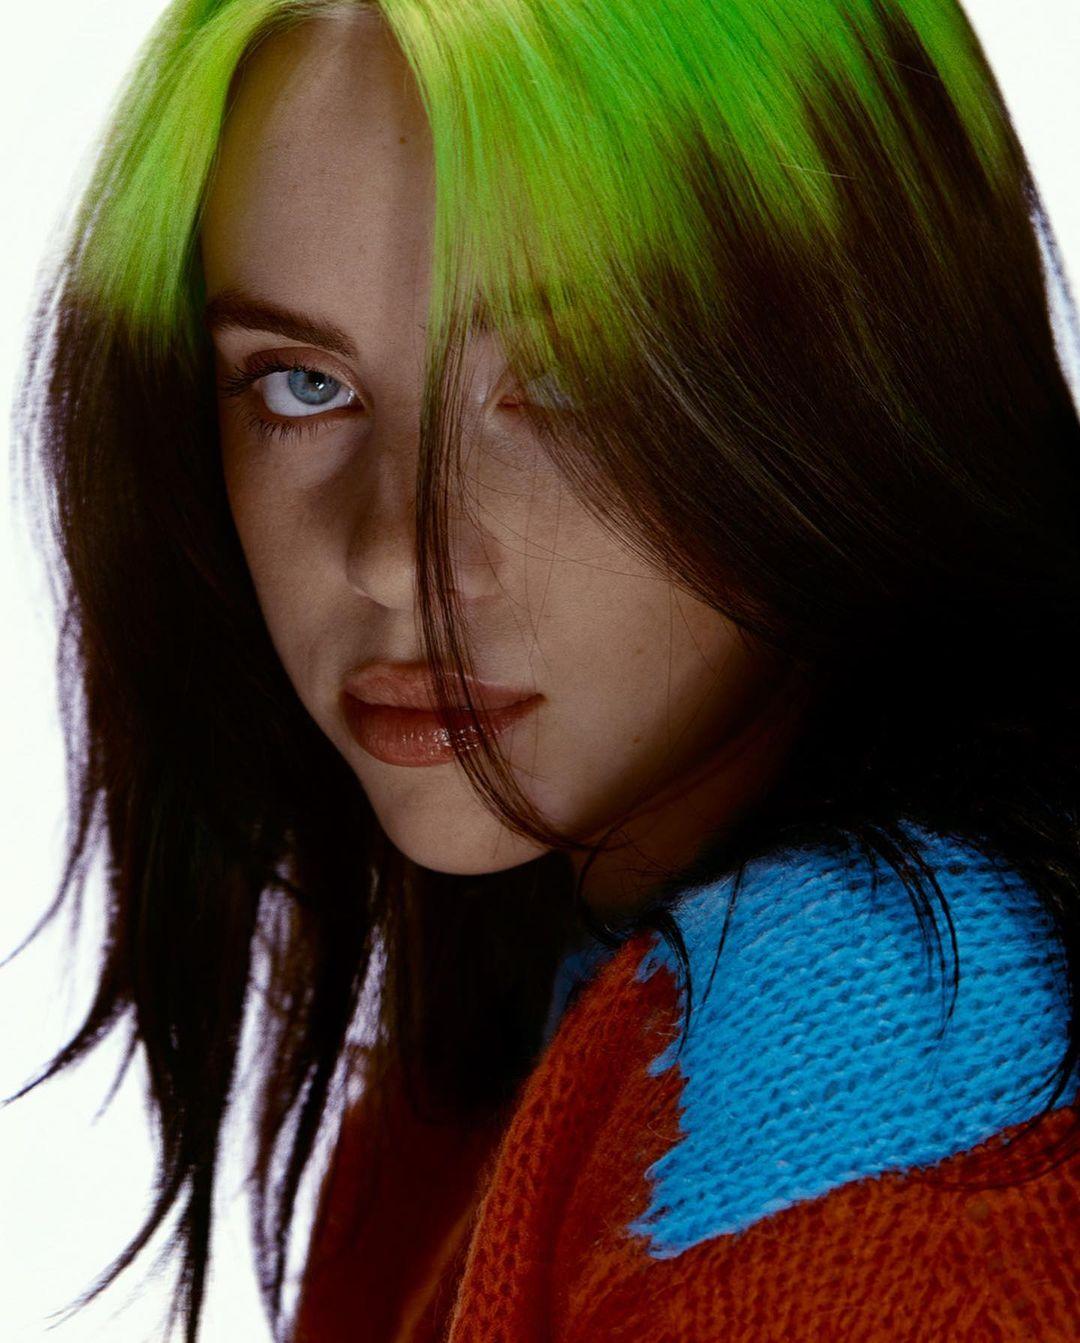 Billie-Eilish-Wallpapers-Insta-Fit-Bio-4